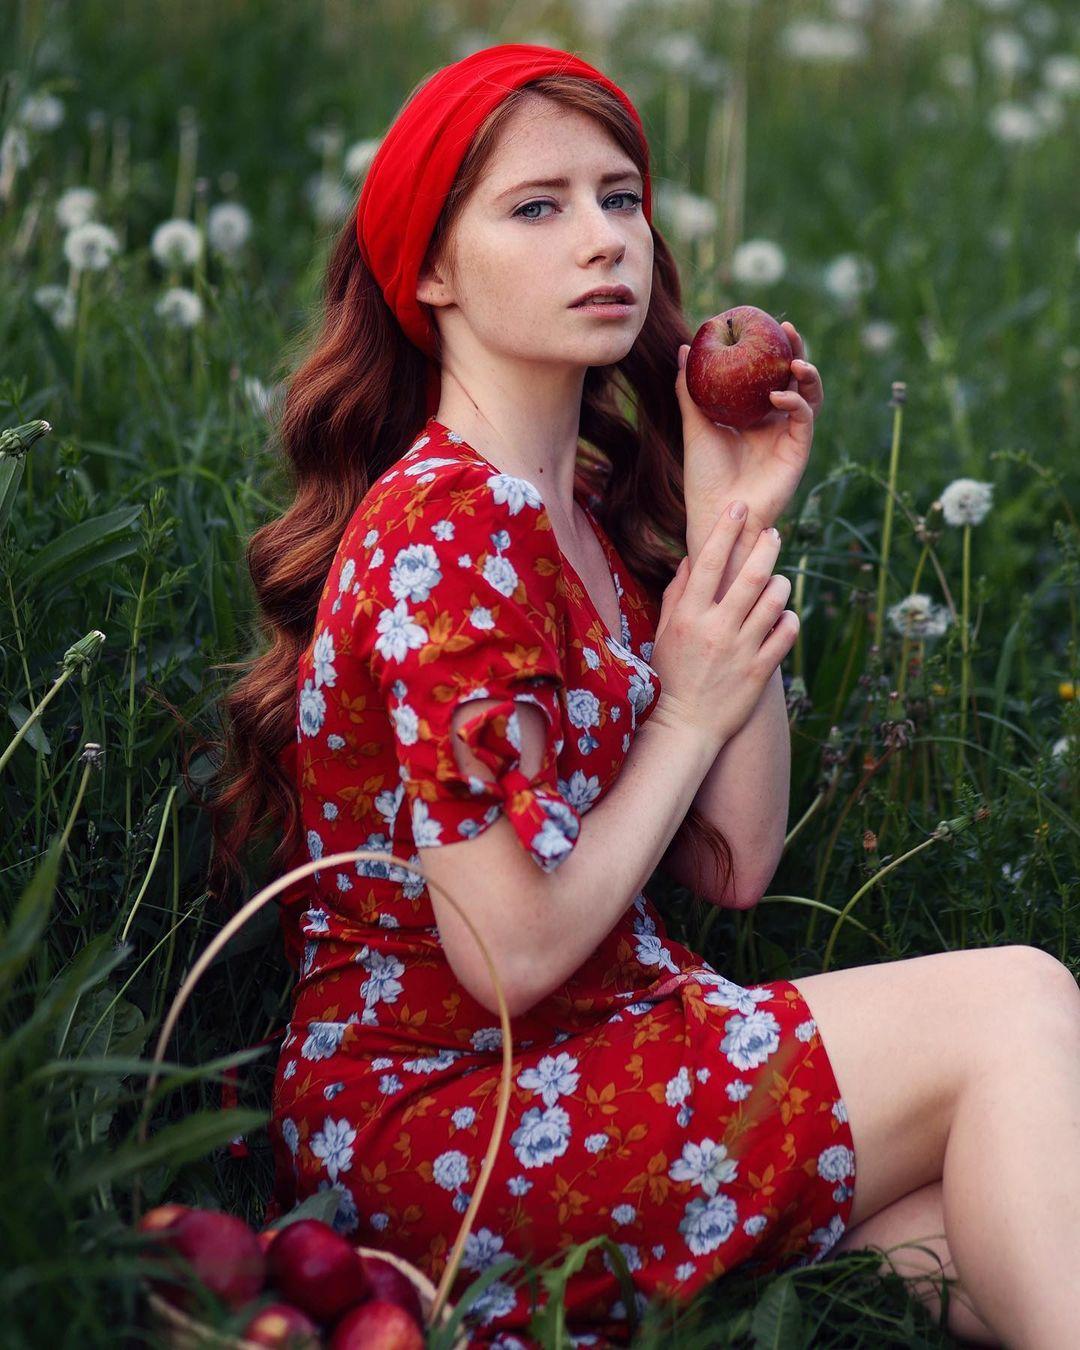 Anastasiya-Solenova-Wallpapers-Insta-Fit-Bio-8